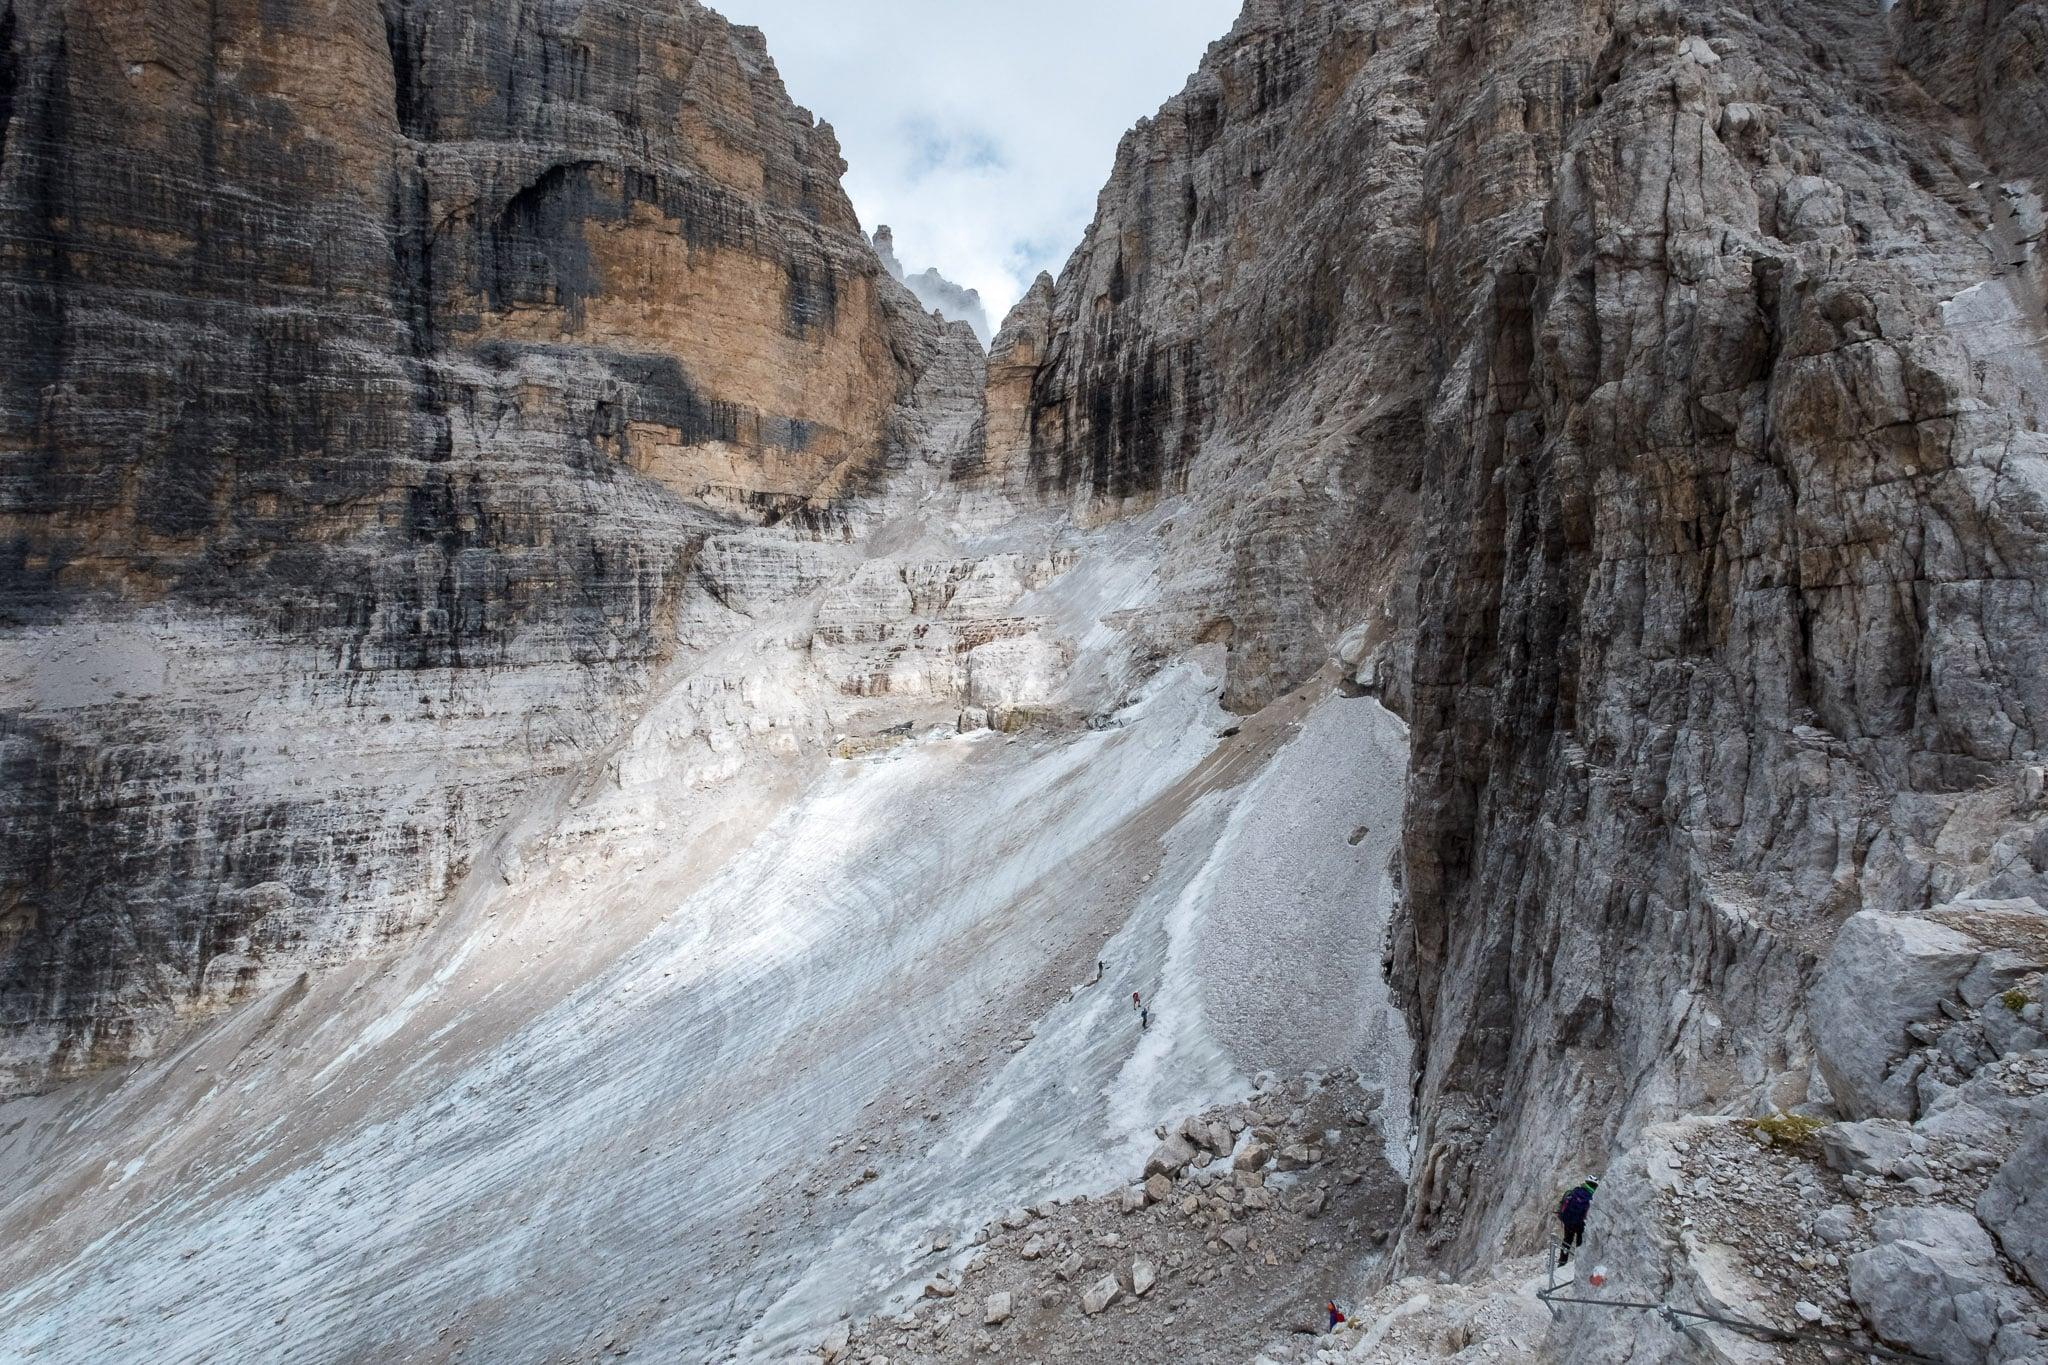 Śnieg, lód i piątek trzynastego – część 2